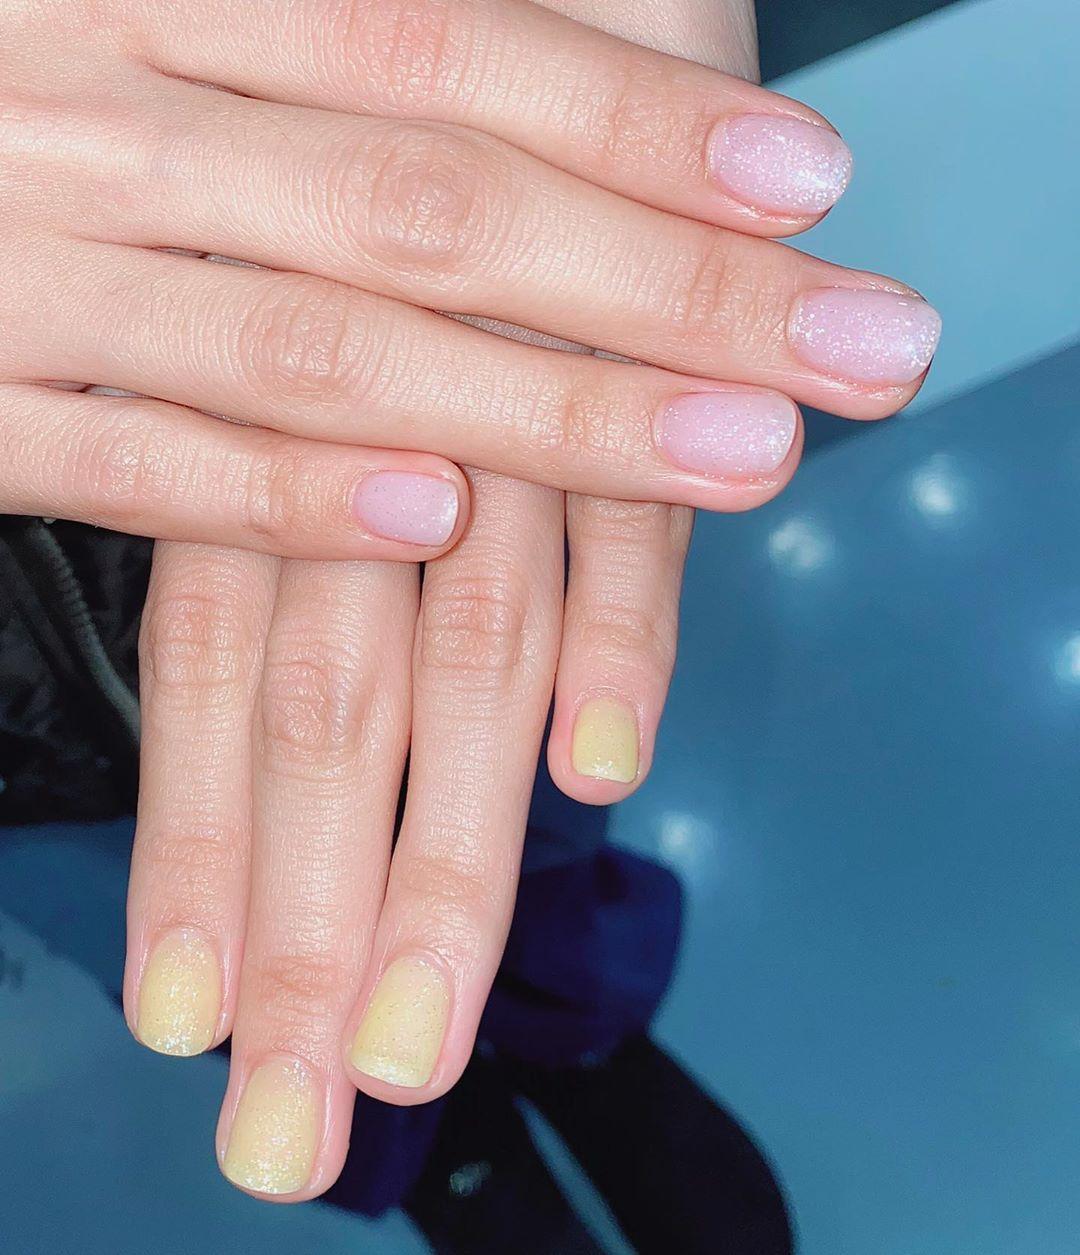 10 kiểu nail đơn giản các chị em có thể tự làm ở nhà mà cũng sang -  xịn - mịn vô cùng - Ảnh 9.